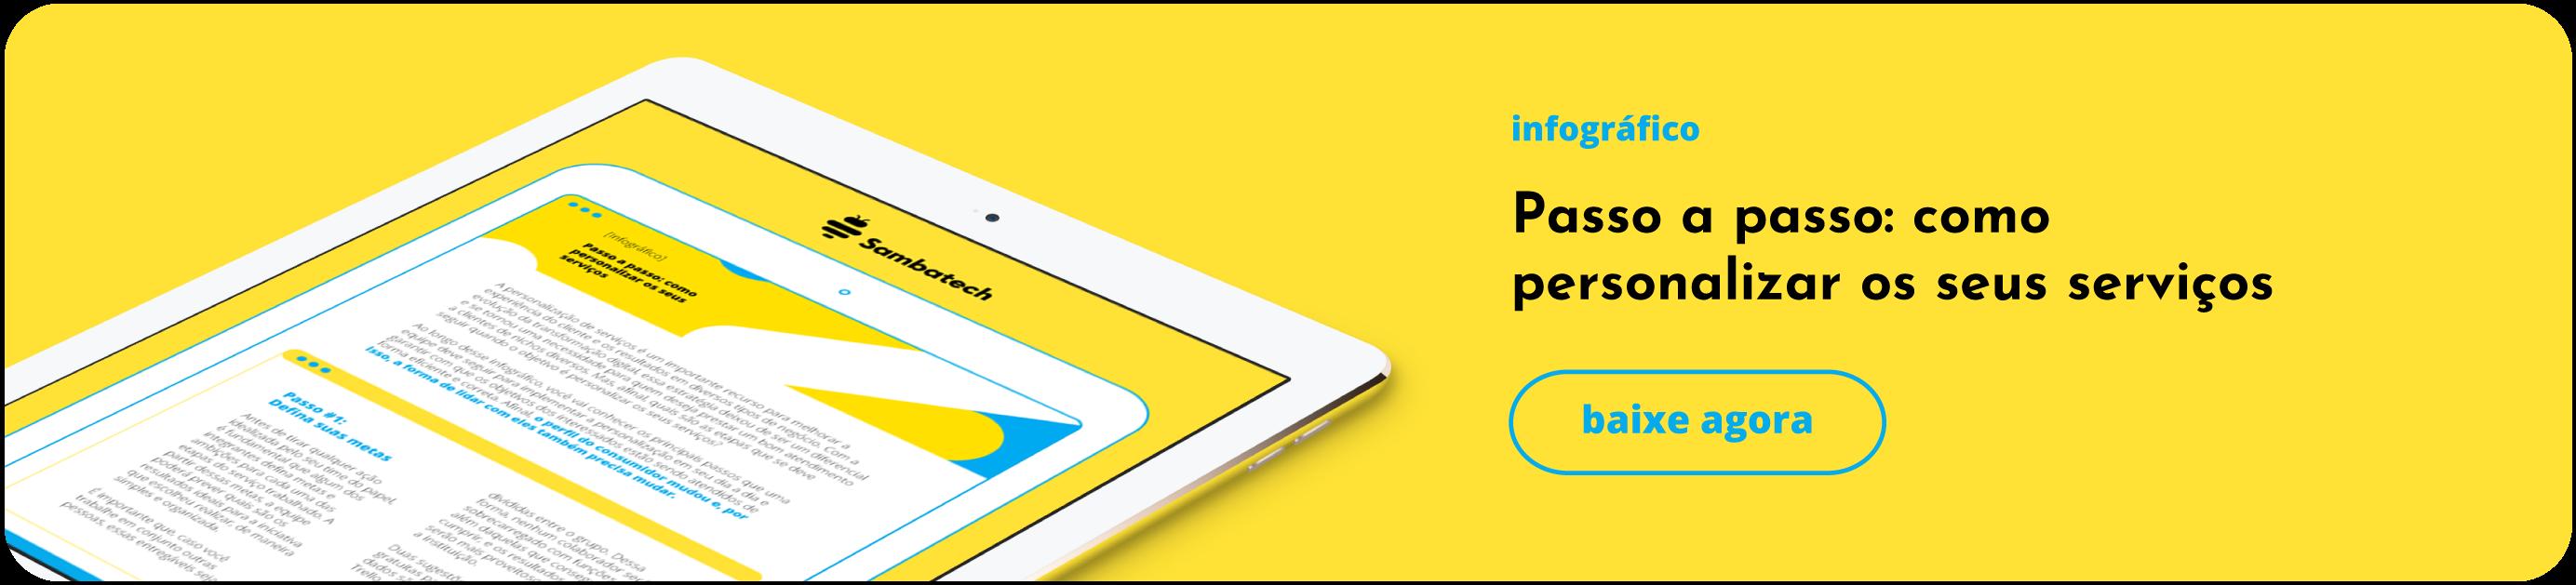 Infográfico Como personalizar serviços